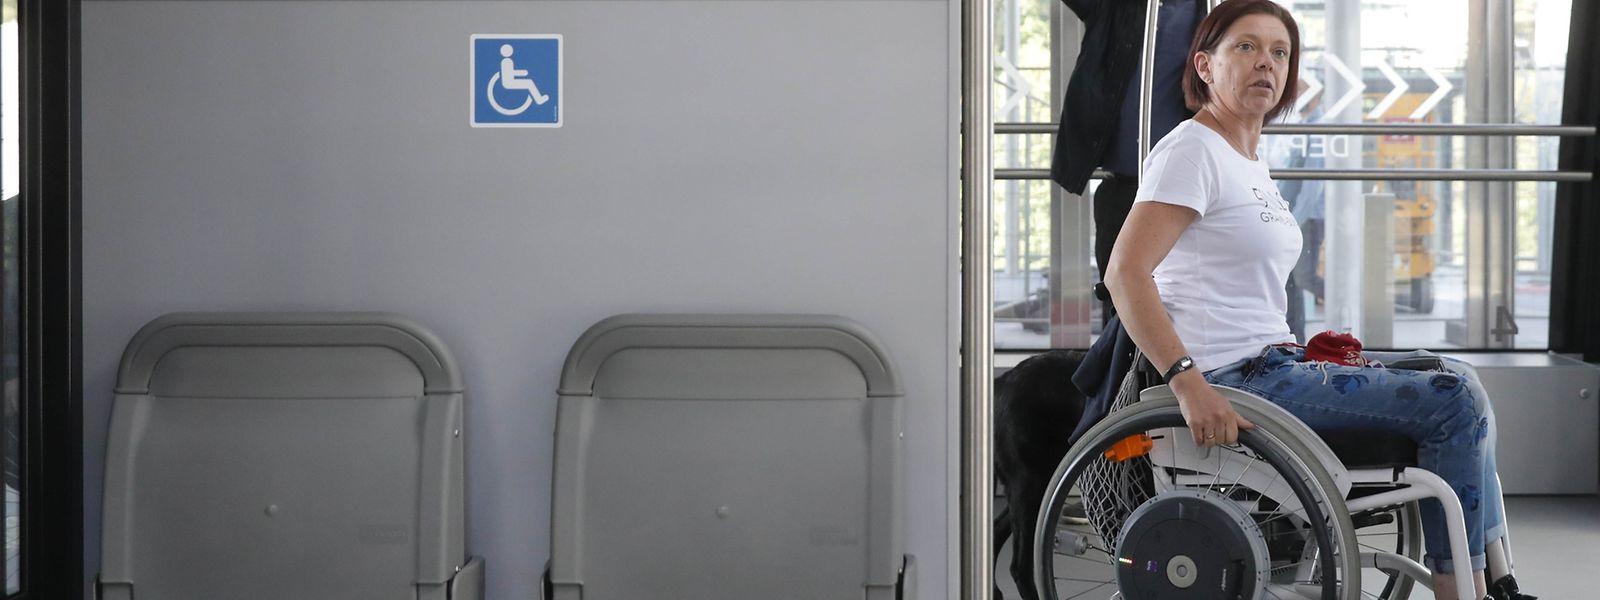 Tessy Wies freut sich darüber, dass in der neuen Standseilbahn an einen Gurt zum Befestigen eines Rollstuhles gedacht wurde.